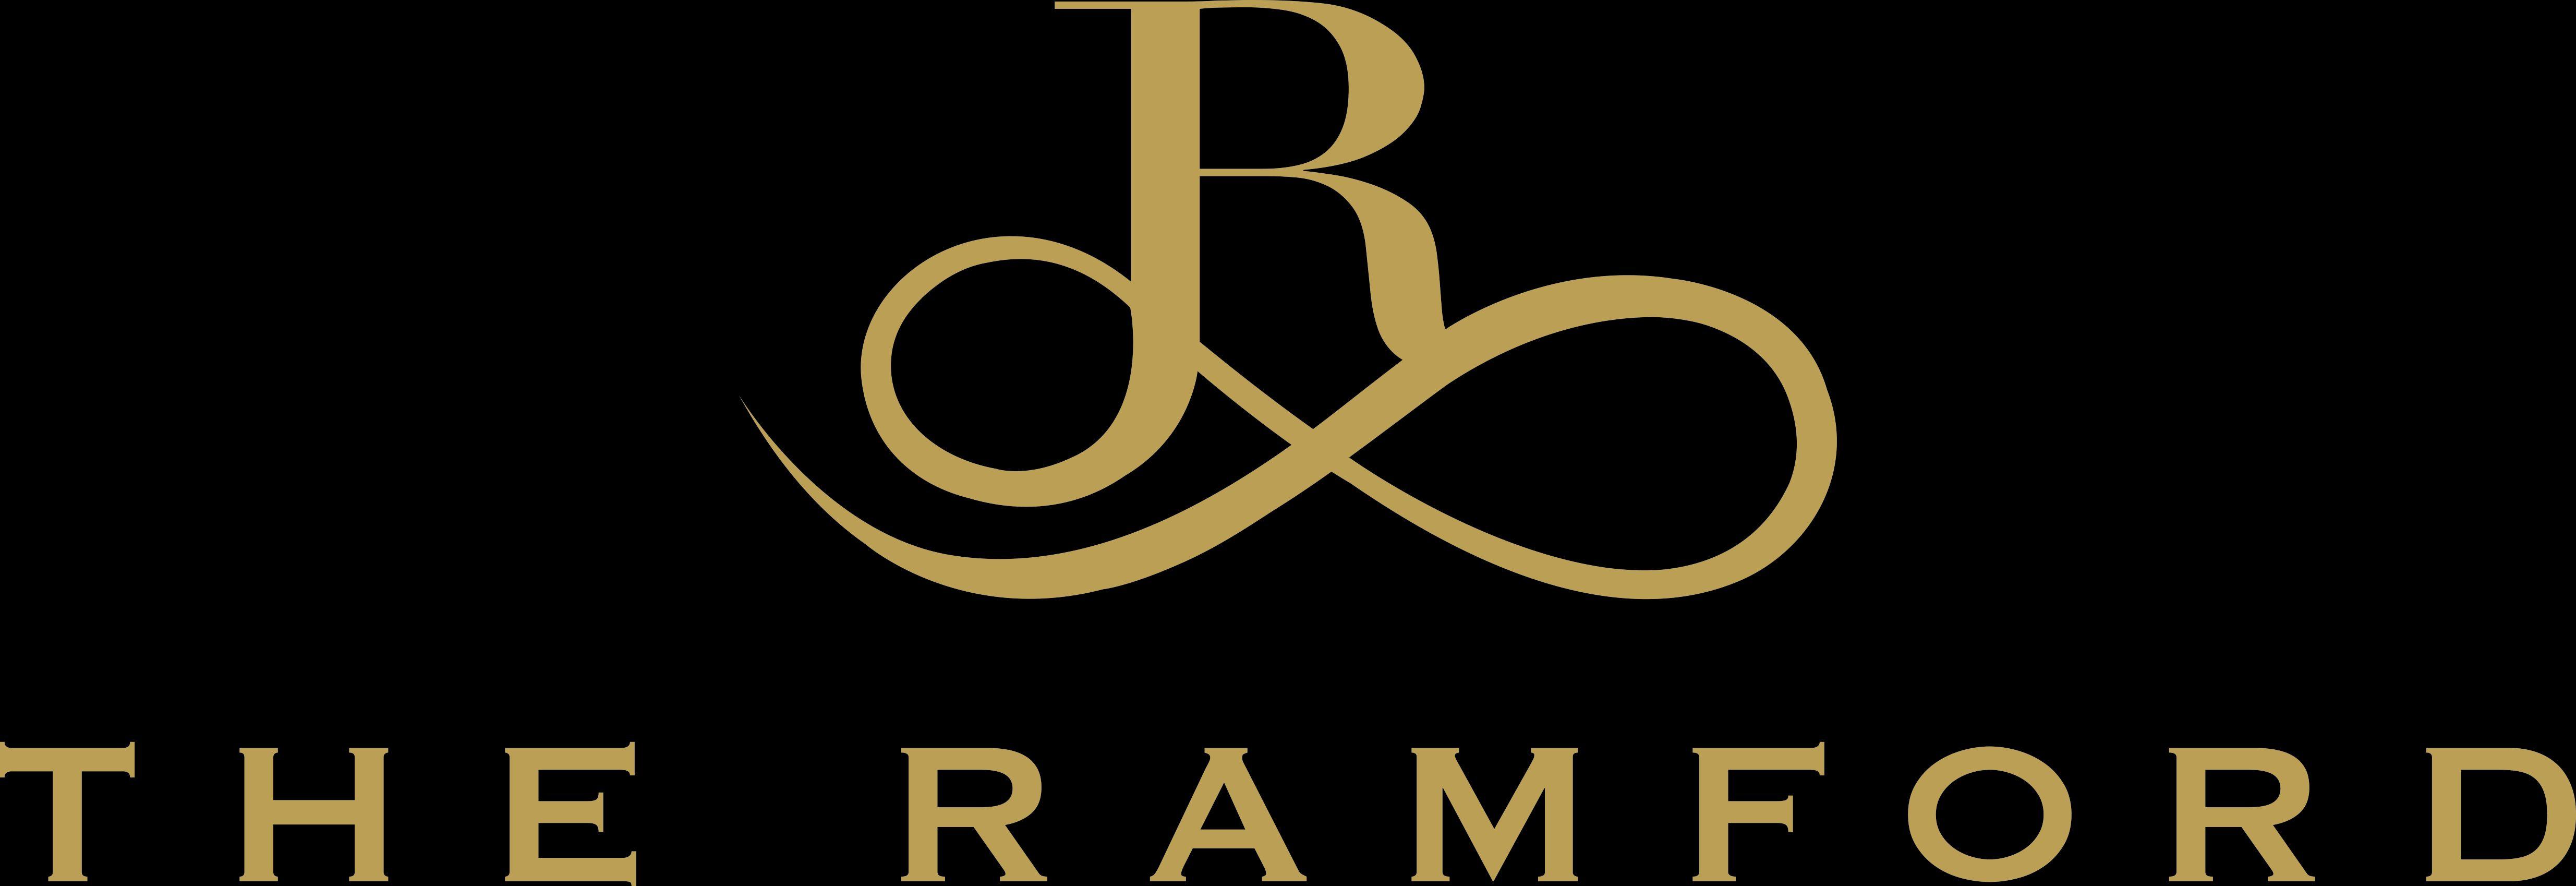 The Ramford logo